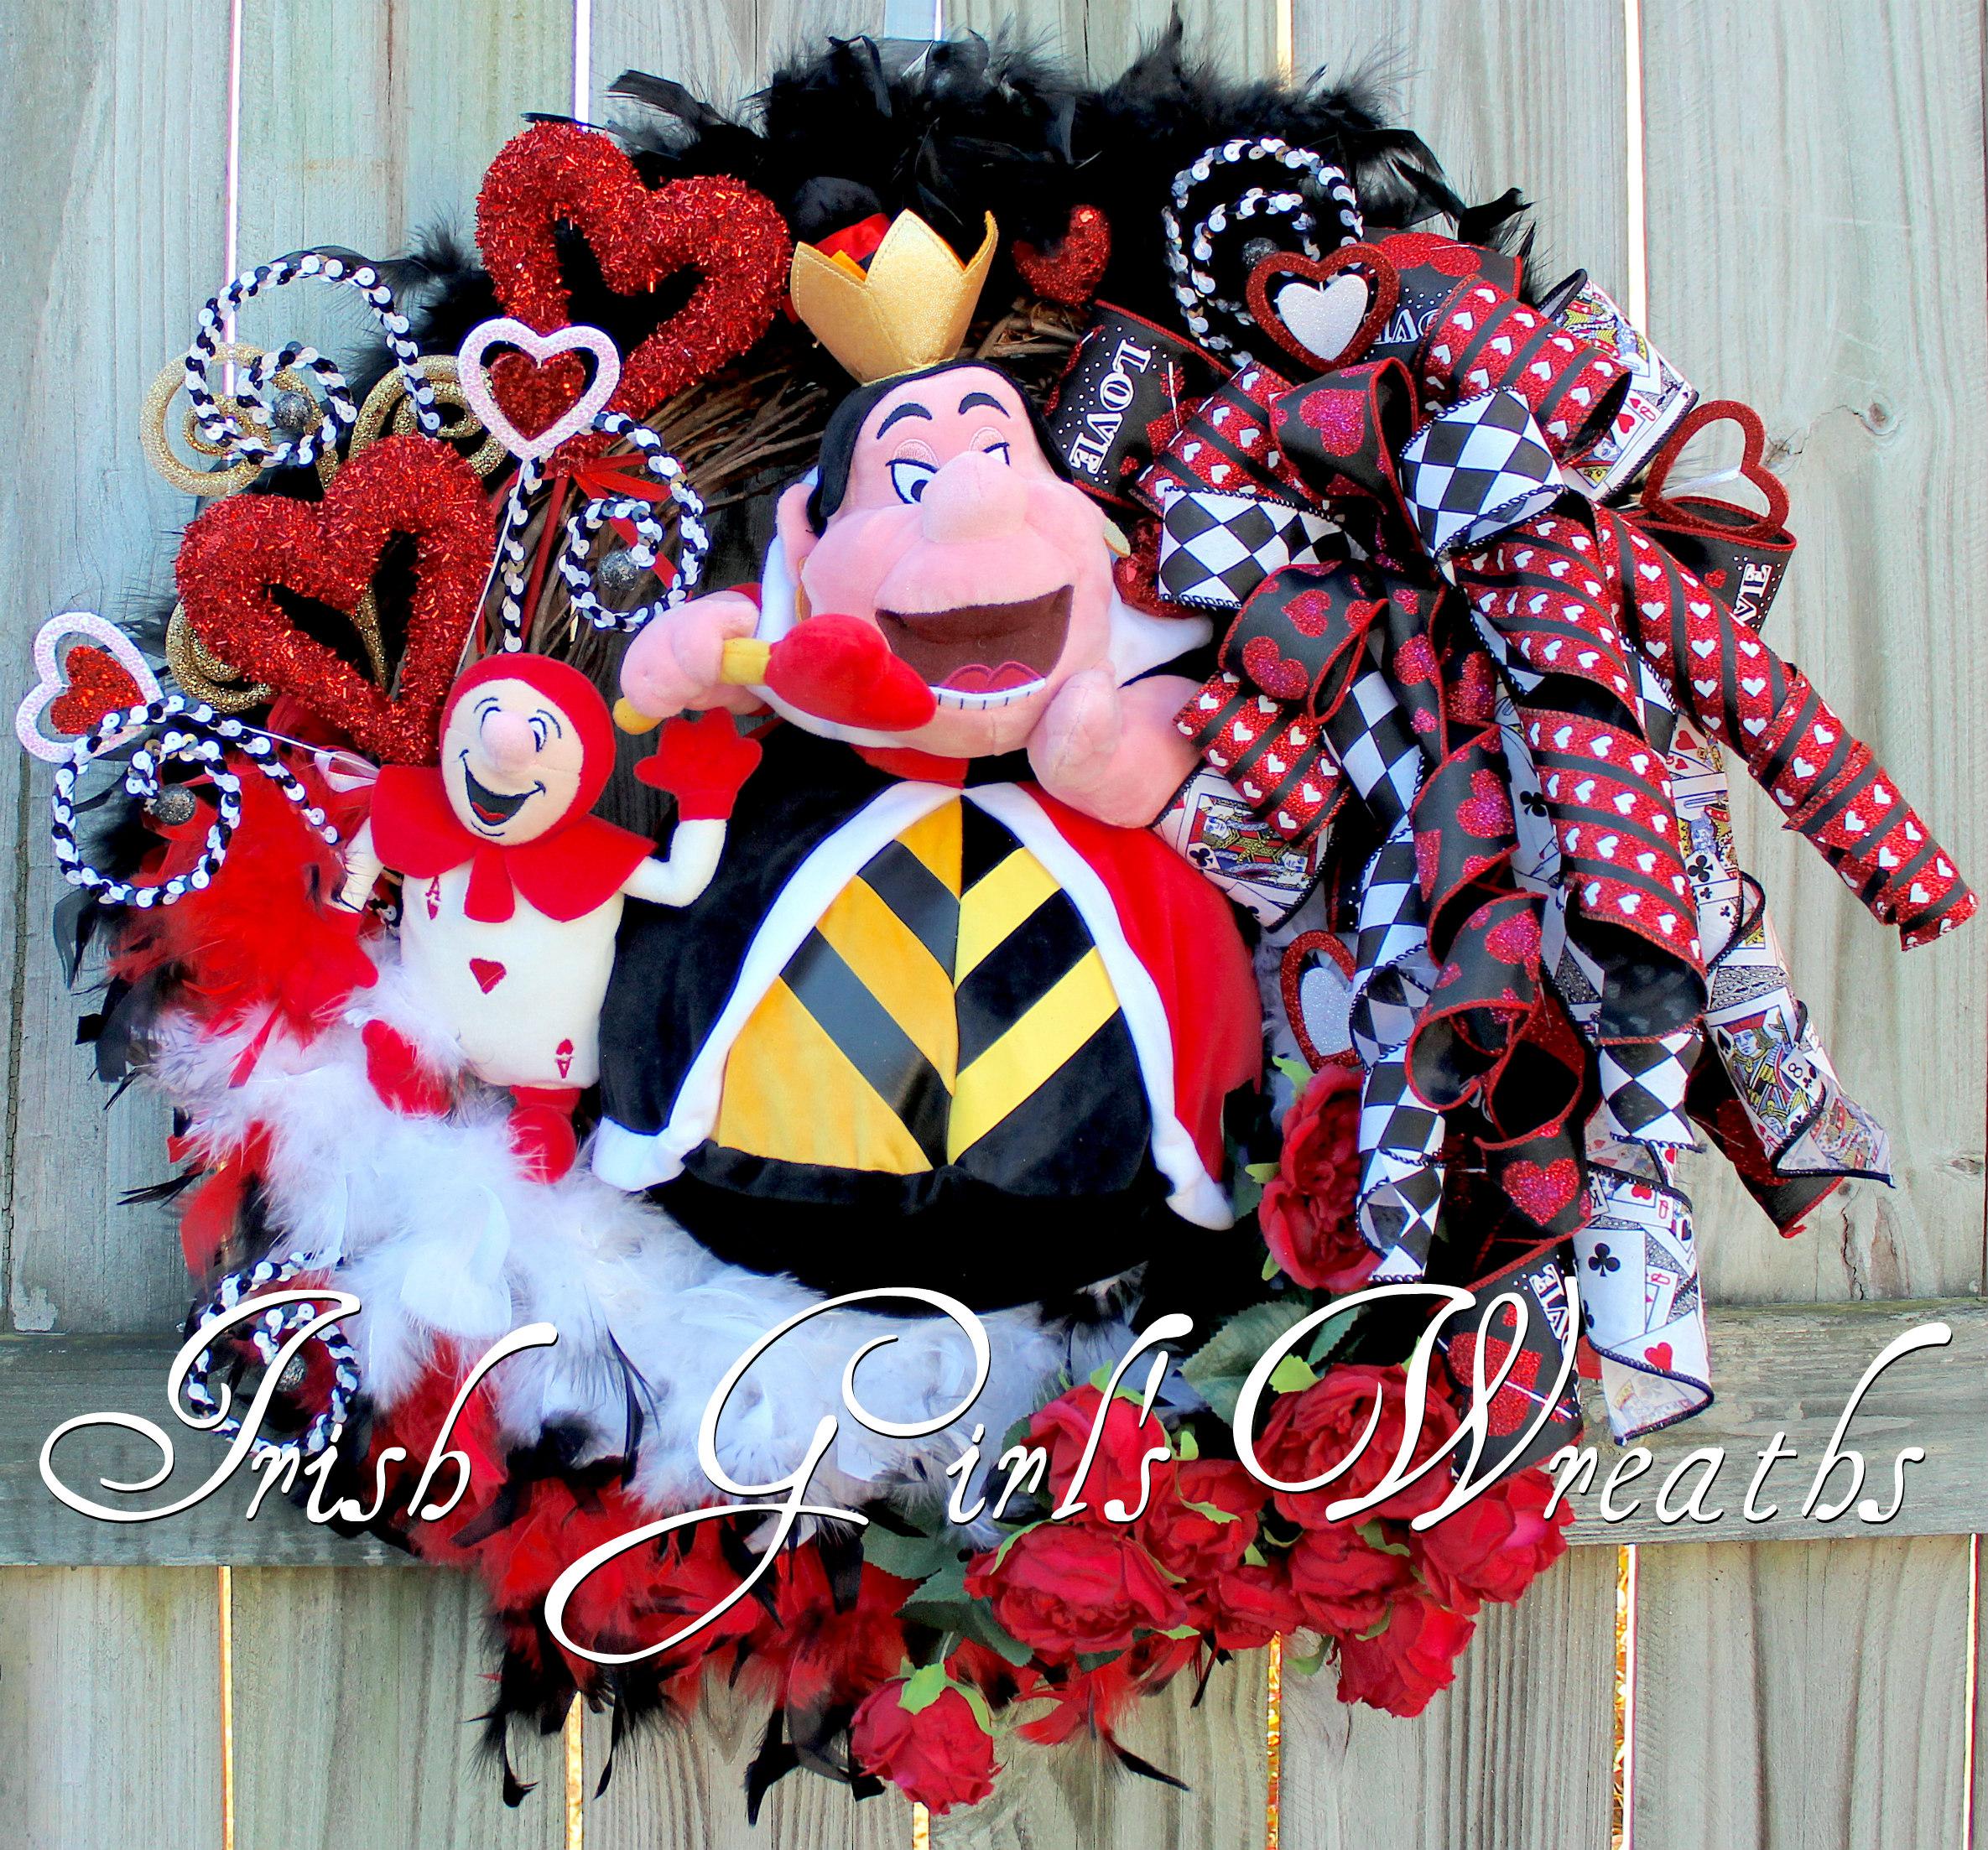 Queen of Heart Valentine's Day Wreath, Red Rose, Disney Valentine Wreath